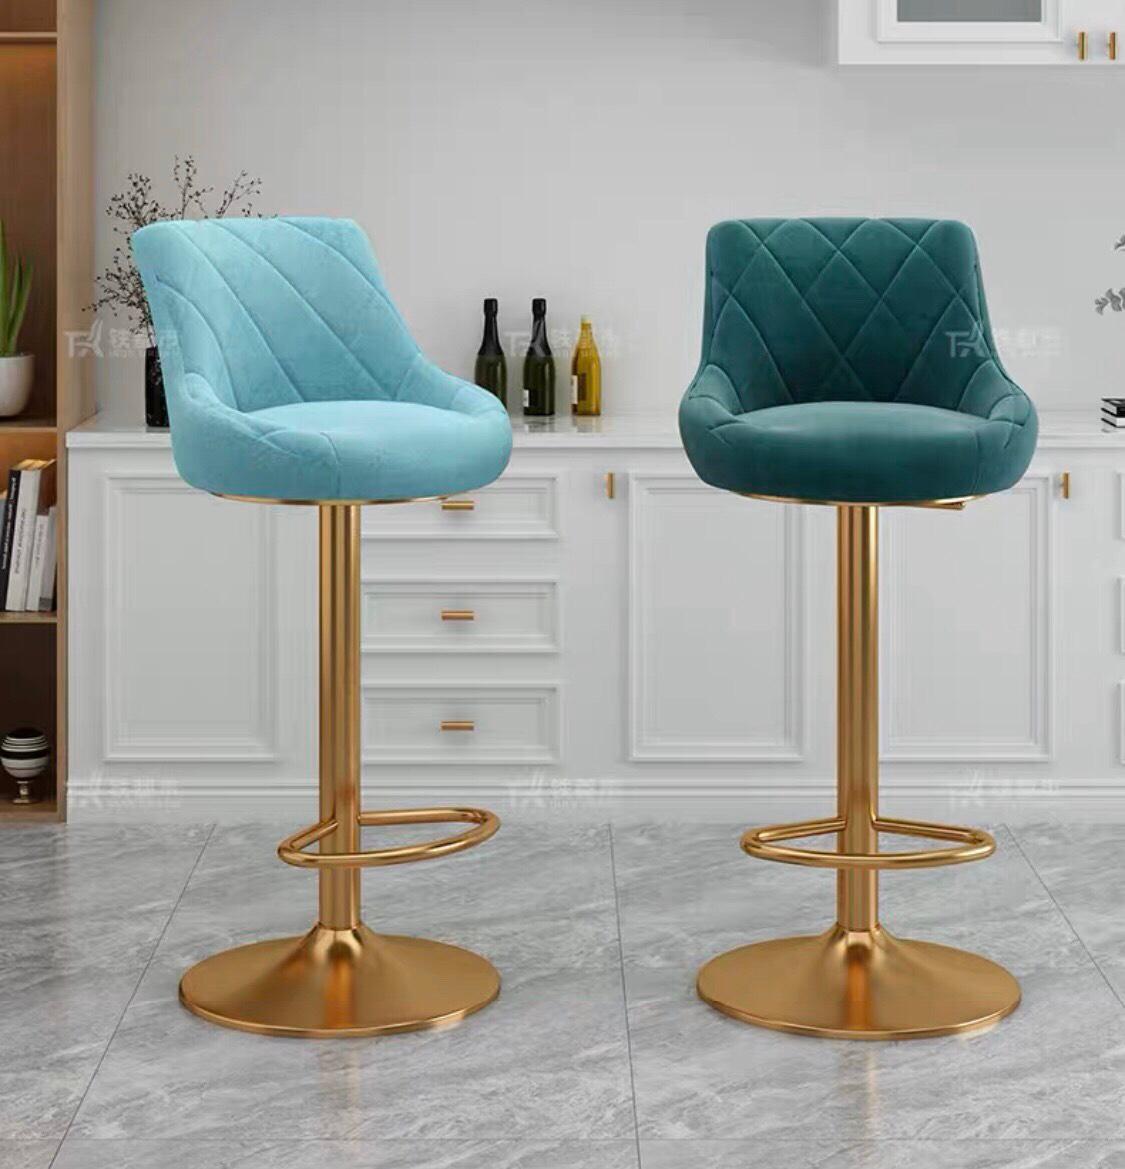 Ghế quầy bar chân mạ vàng nệm ngồi bọc vải nhung : KG – A915